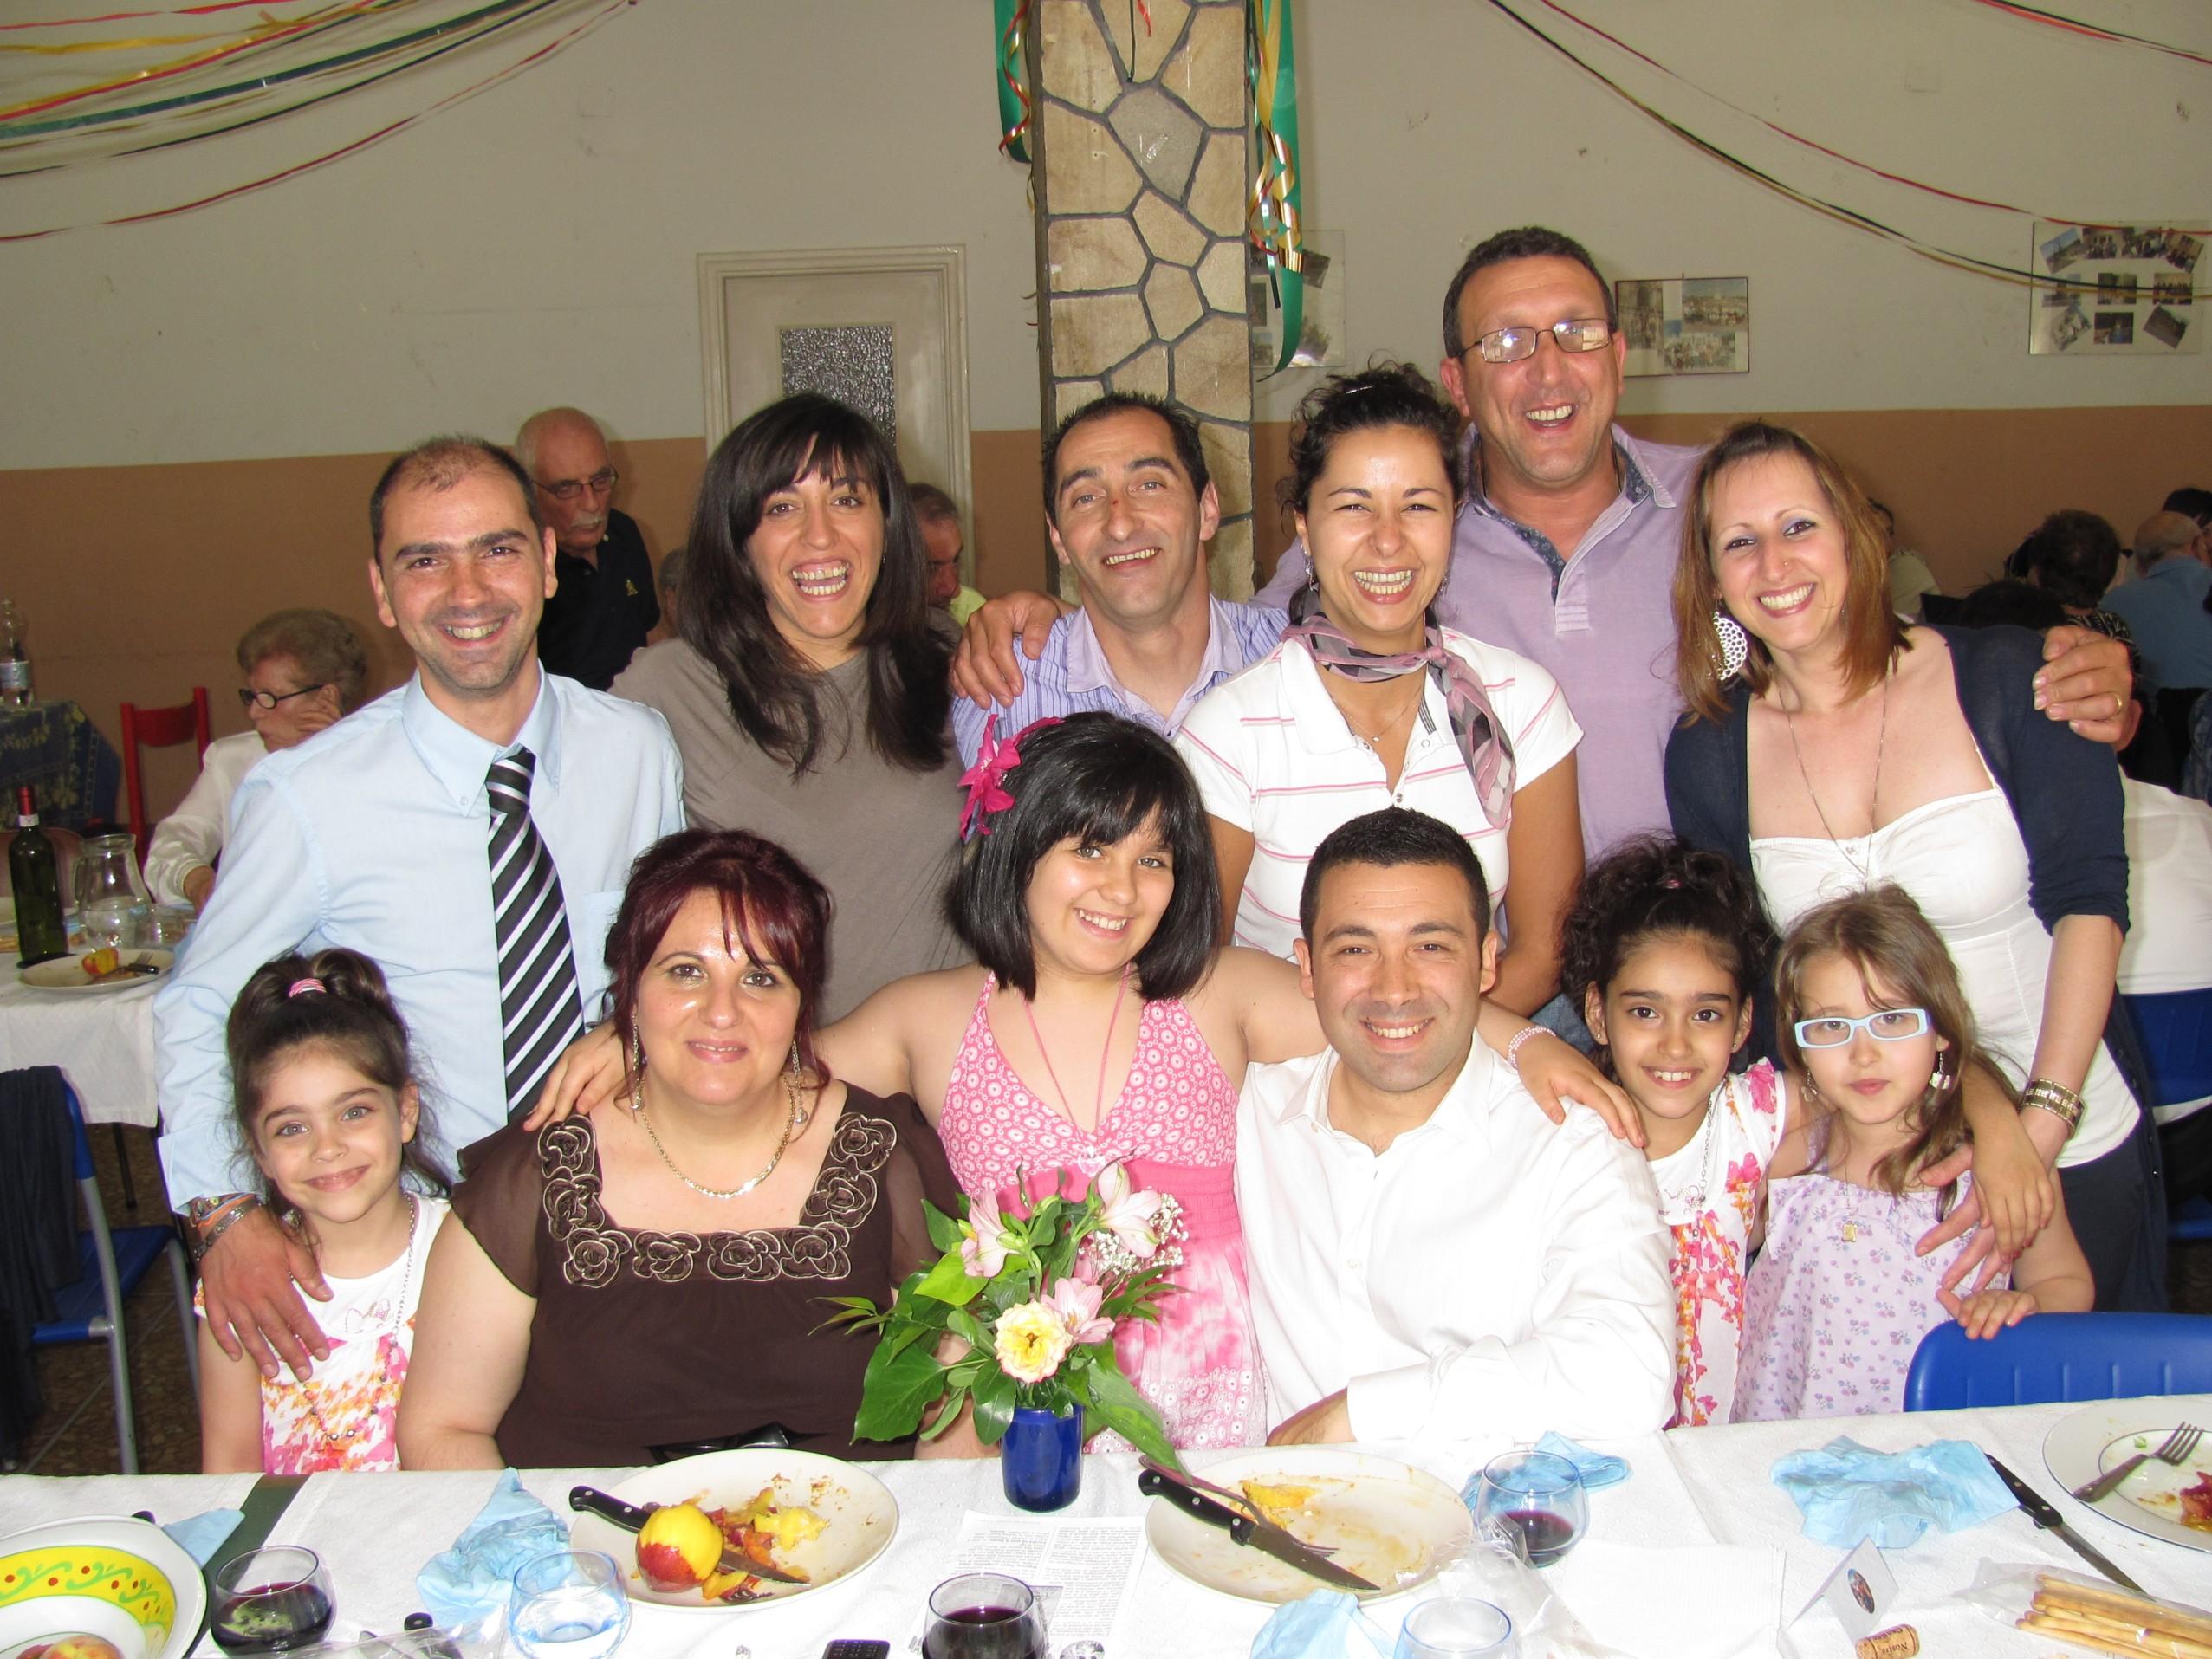 anniversari_matrimonio-2011-06-05-14-20-40